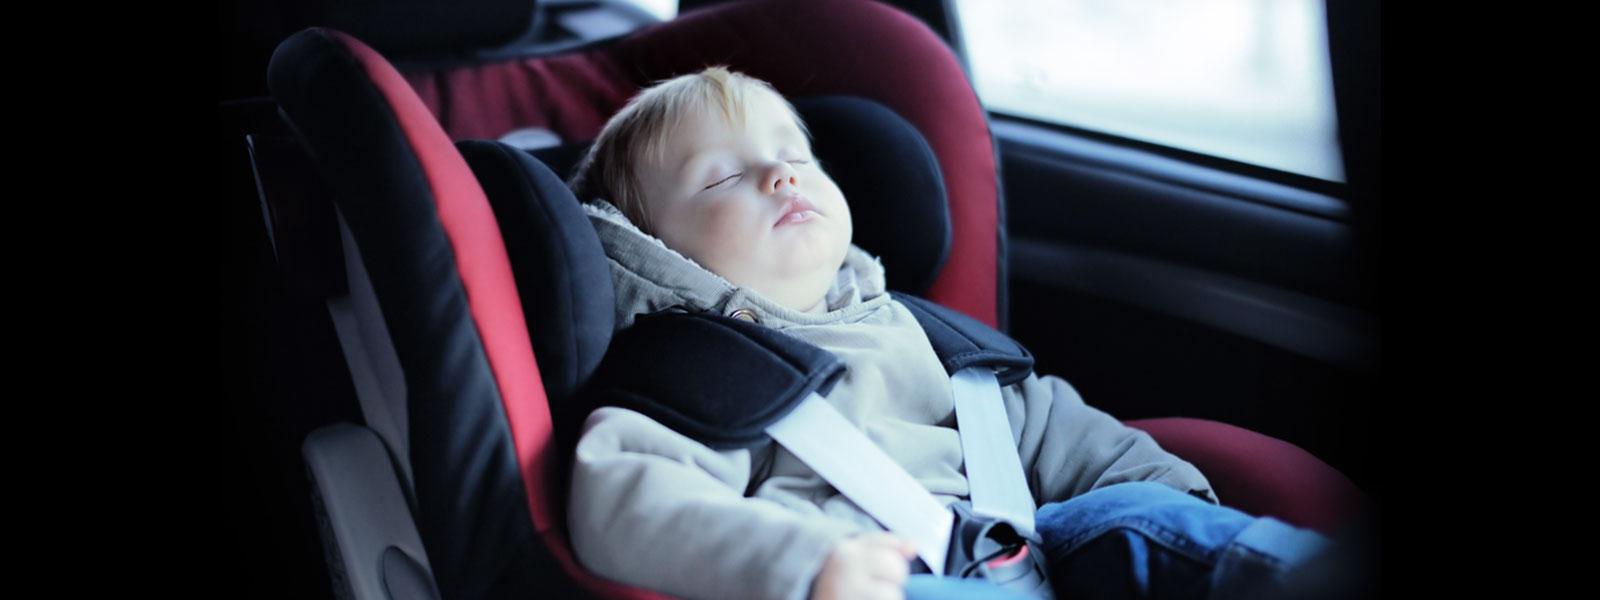 Transporte correto de crianças nos automóveis